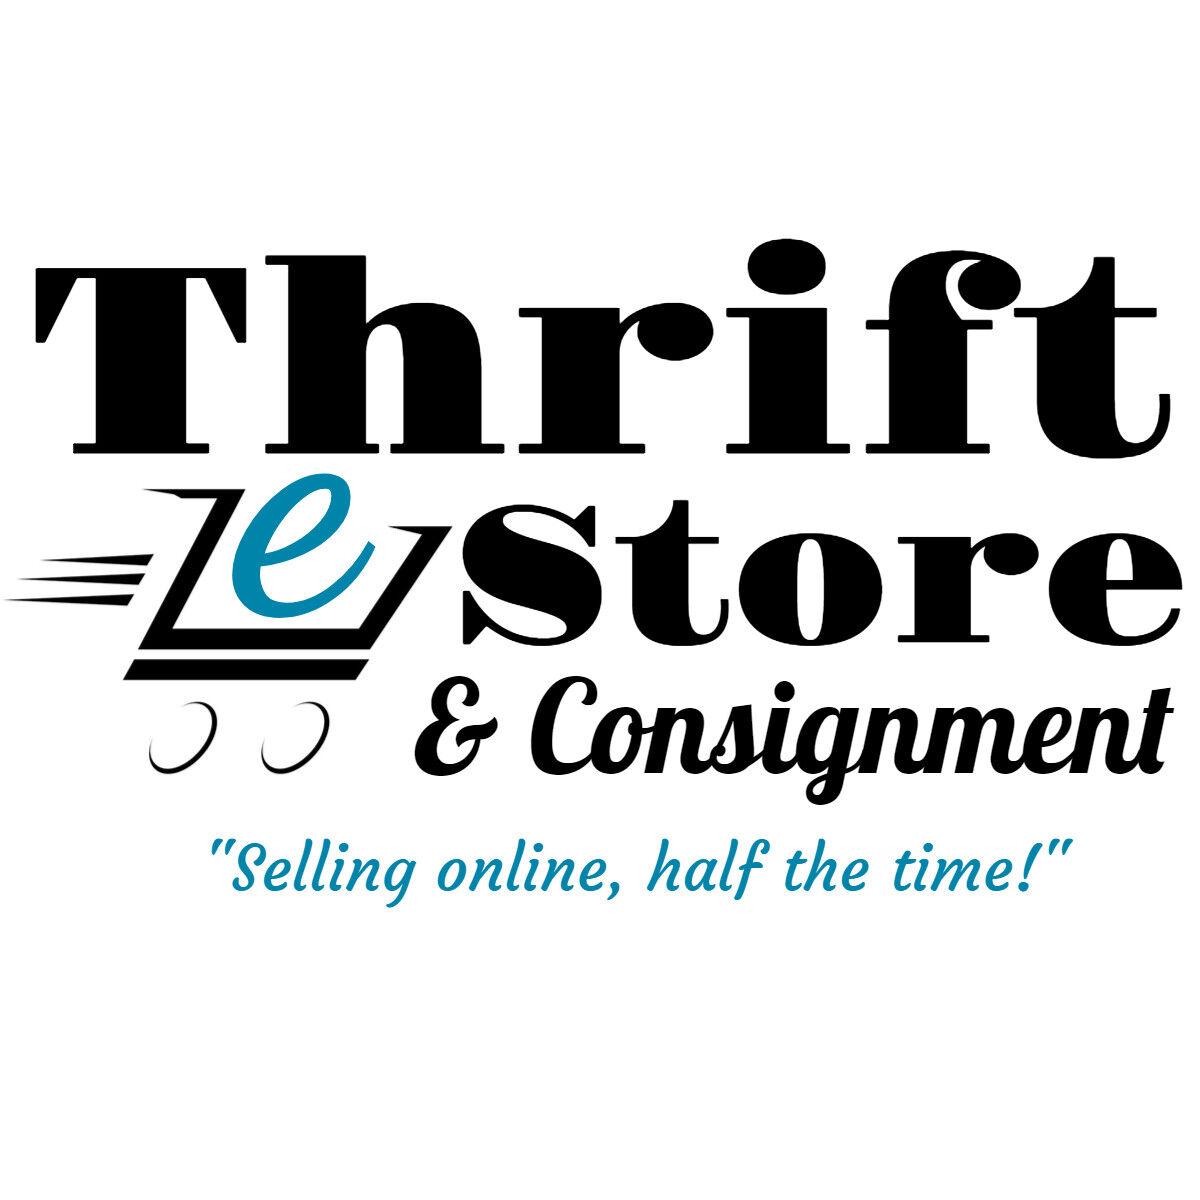 Thrift eStore